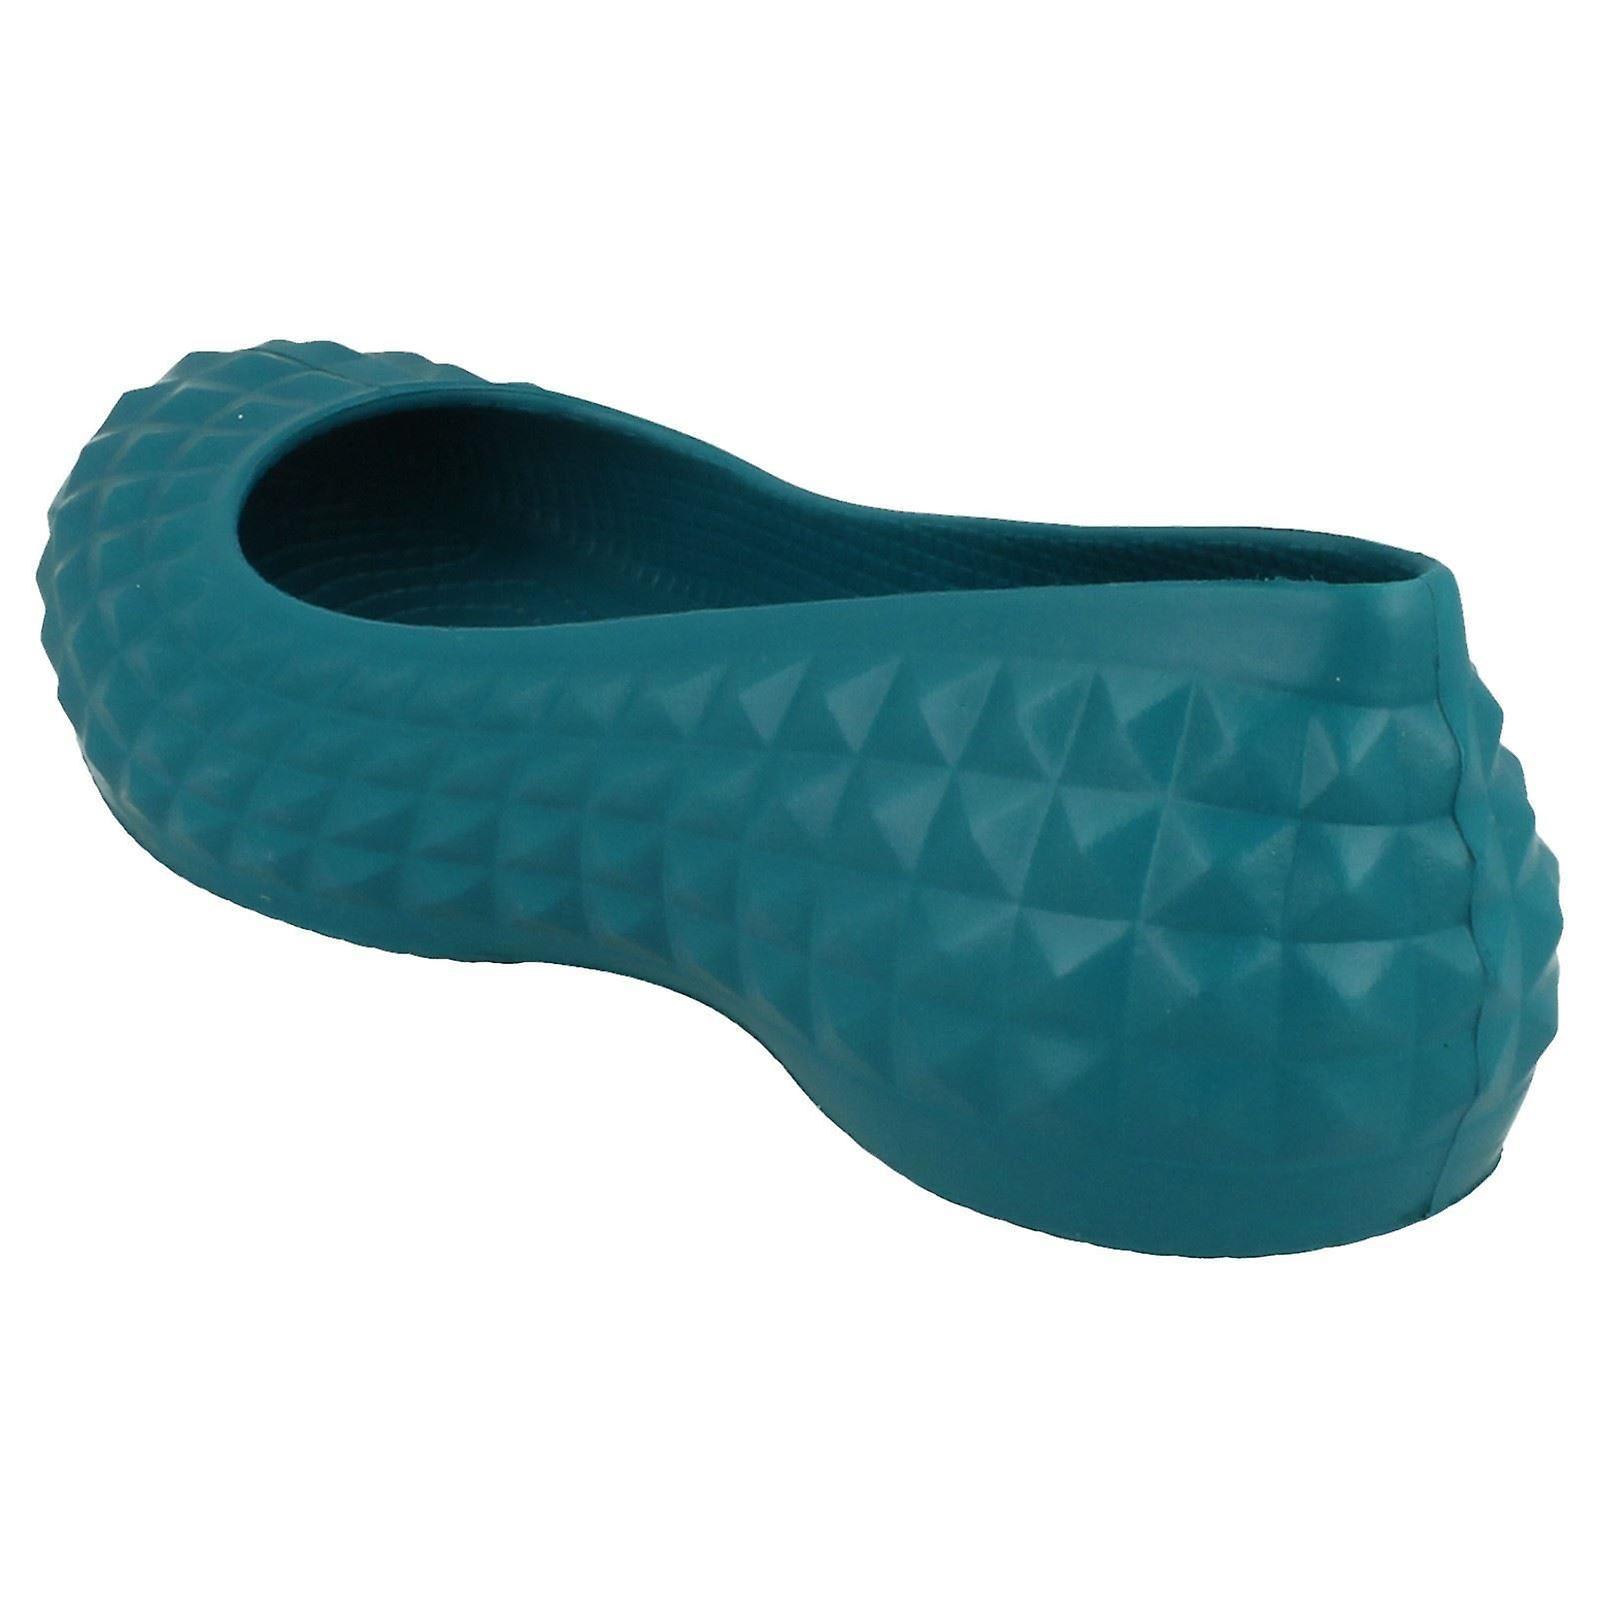 signore dei coccodrilli ballerina scarpe super super super model. | Ottima classificazione  | Gentiluomo/Signora Scarpa  | Uomini/Donna Scarpa  | Scolaro/Signora Scarpa  2c7603